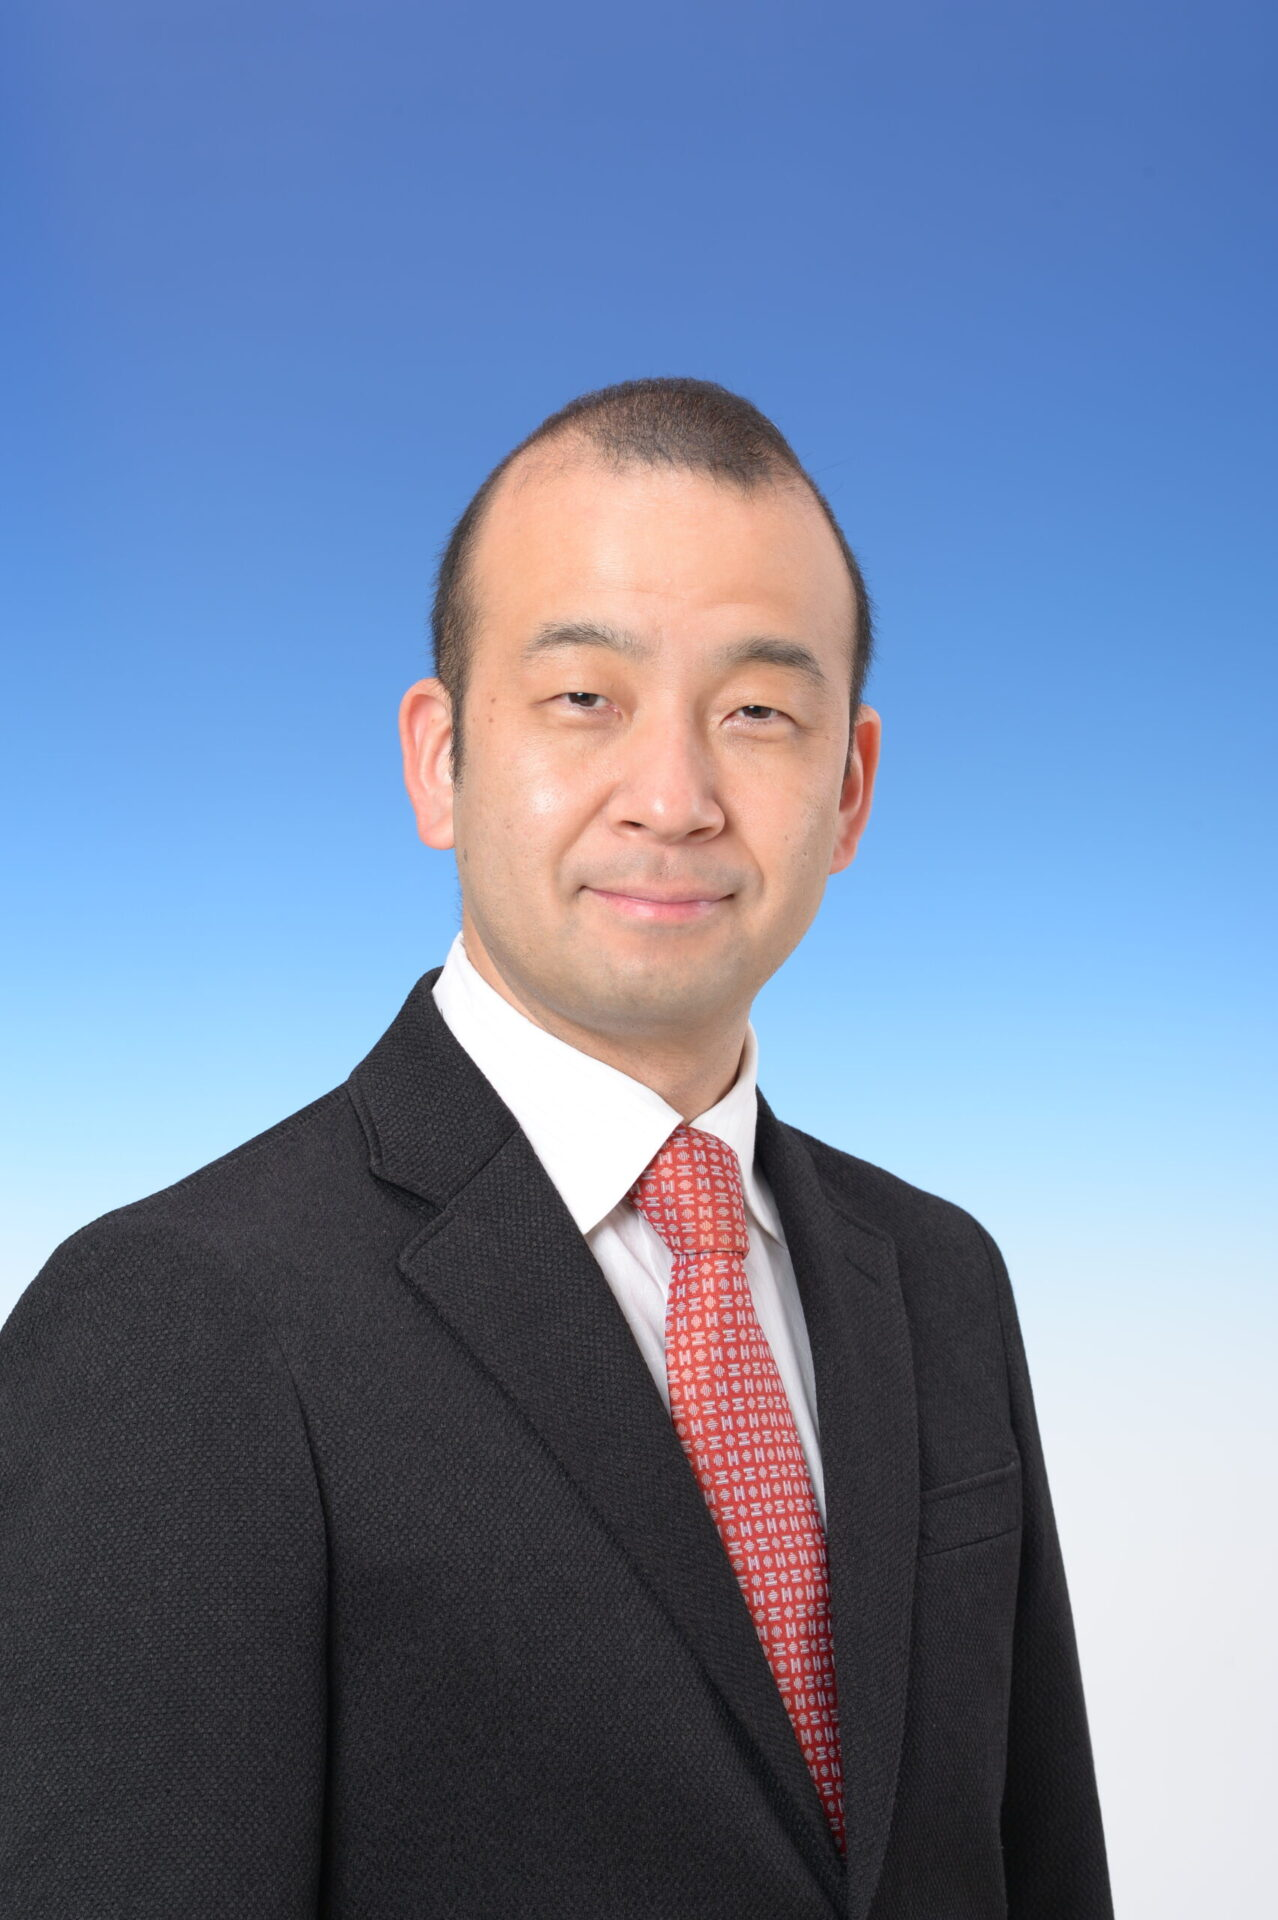 株式会社COクリエイト 代表取締役社長 三浦雅弘氏